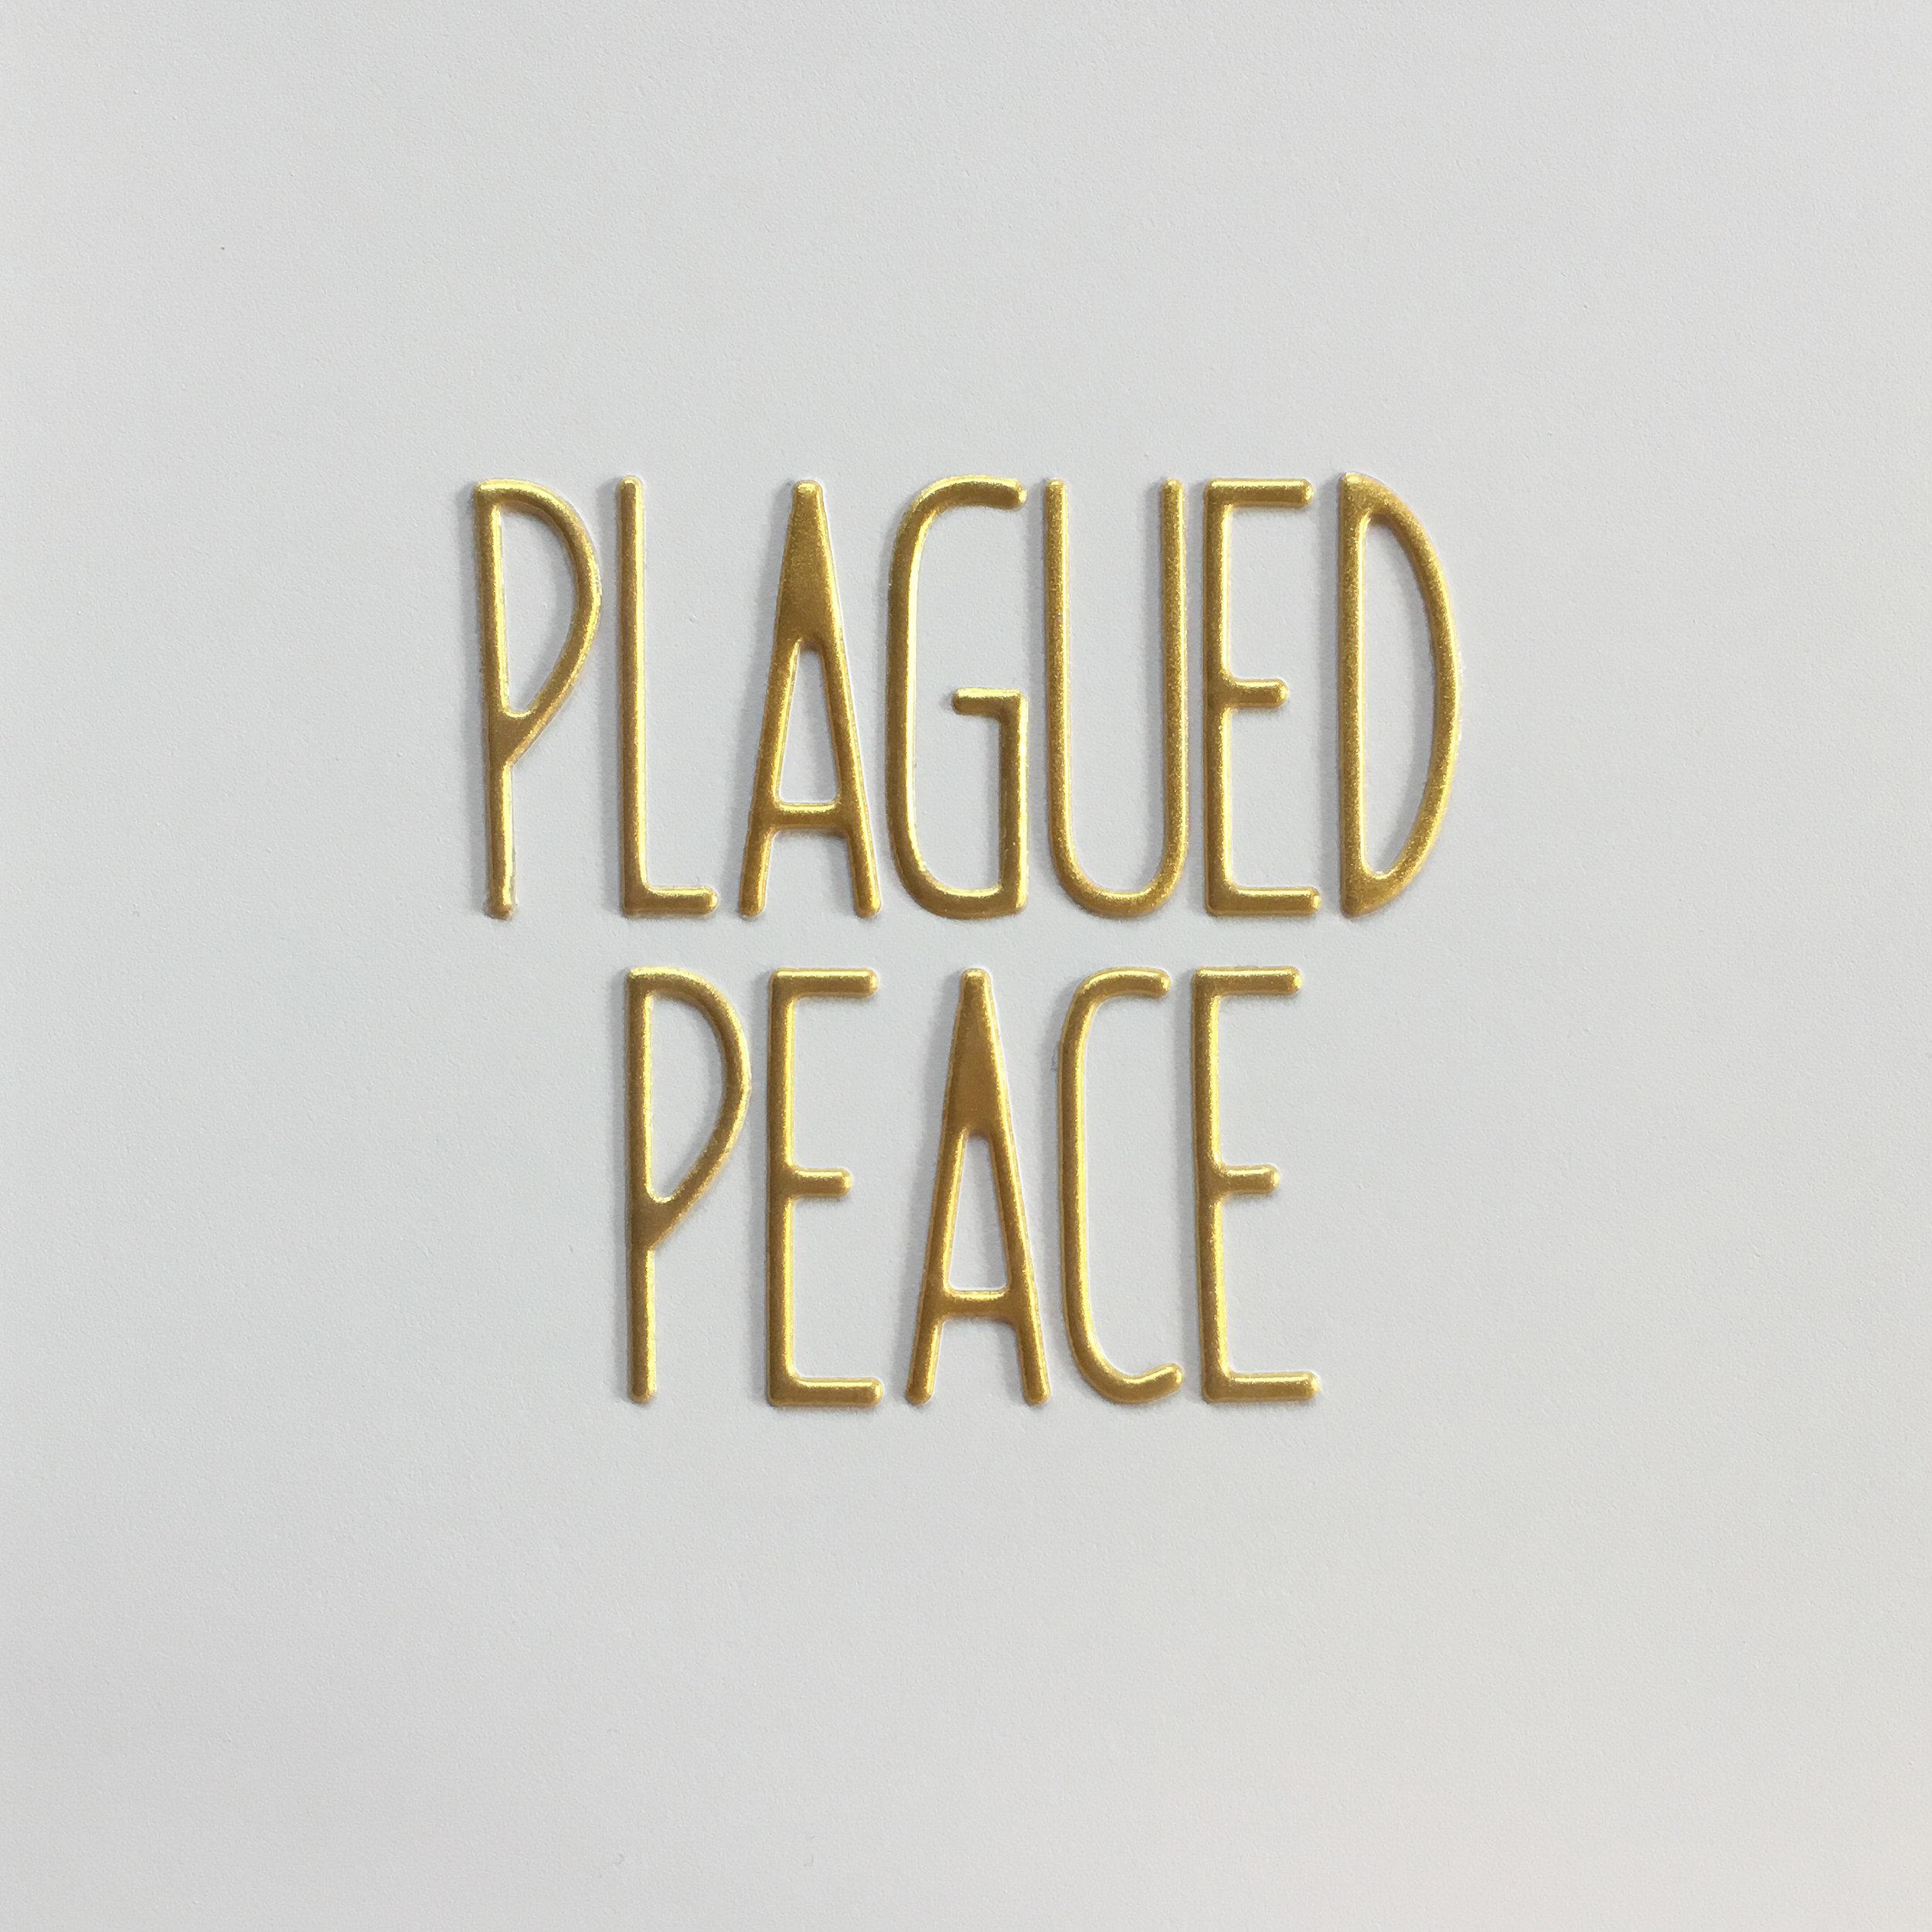 plagued peace.jpg